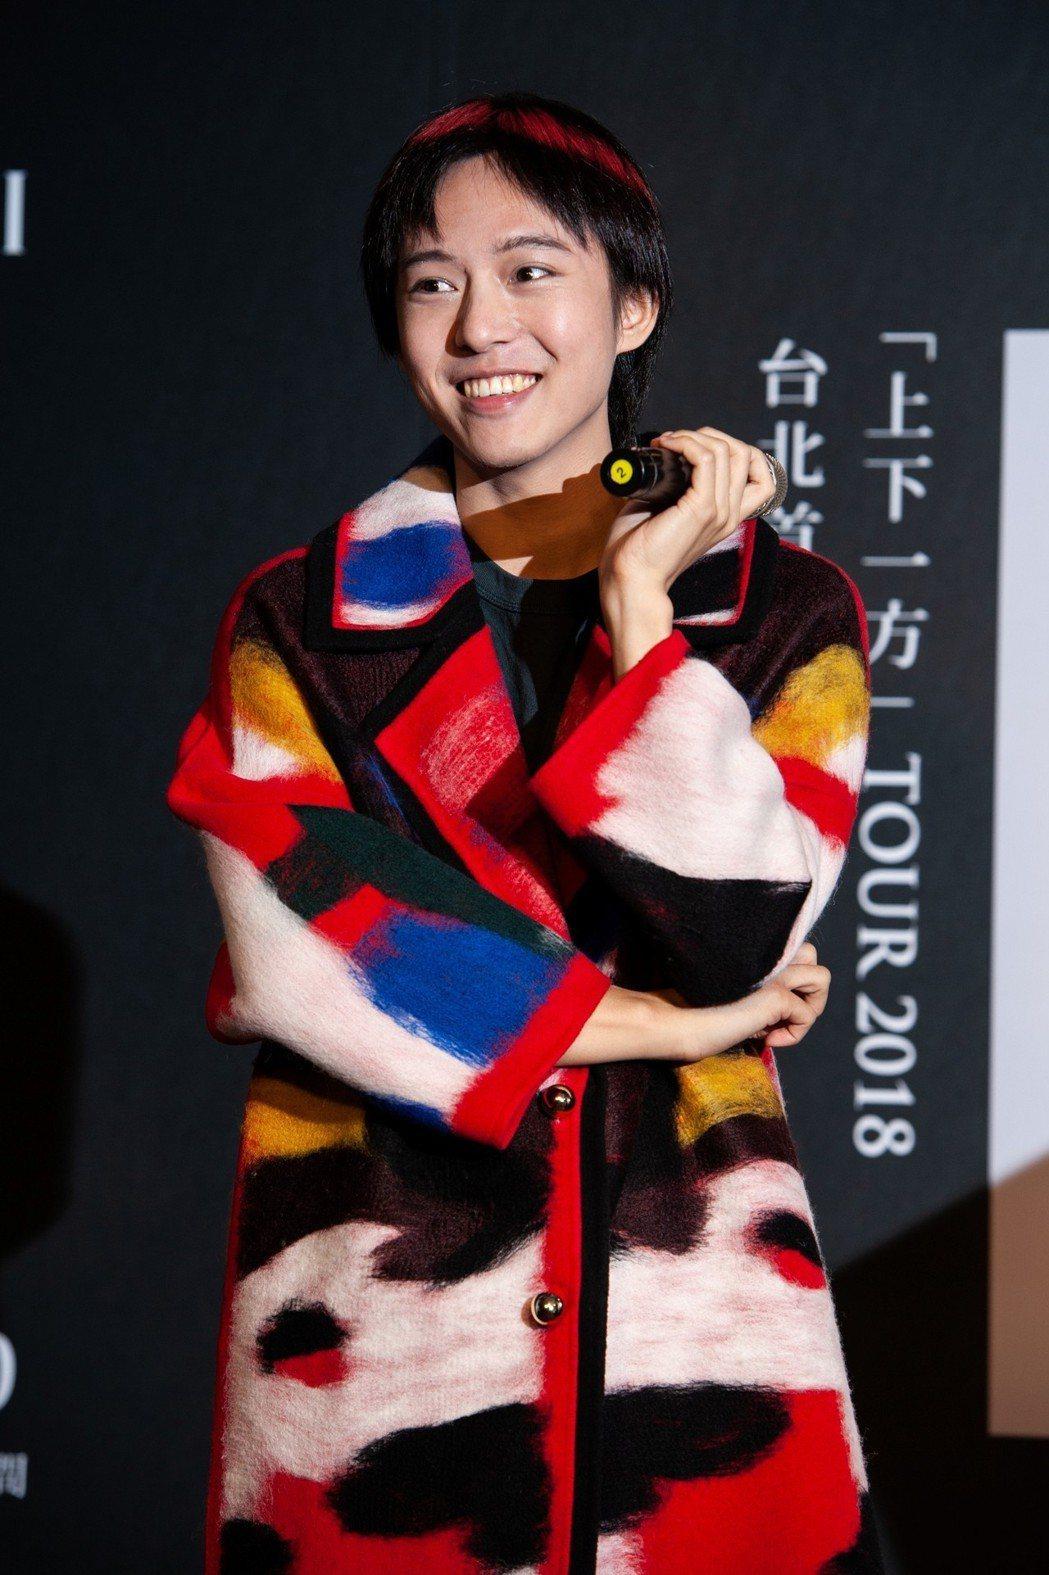 邱比宣佈台北站演出將在7月27日晚上的永豐 Legacy舉行。圖/ROKON滾石